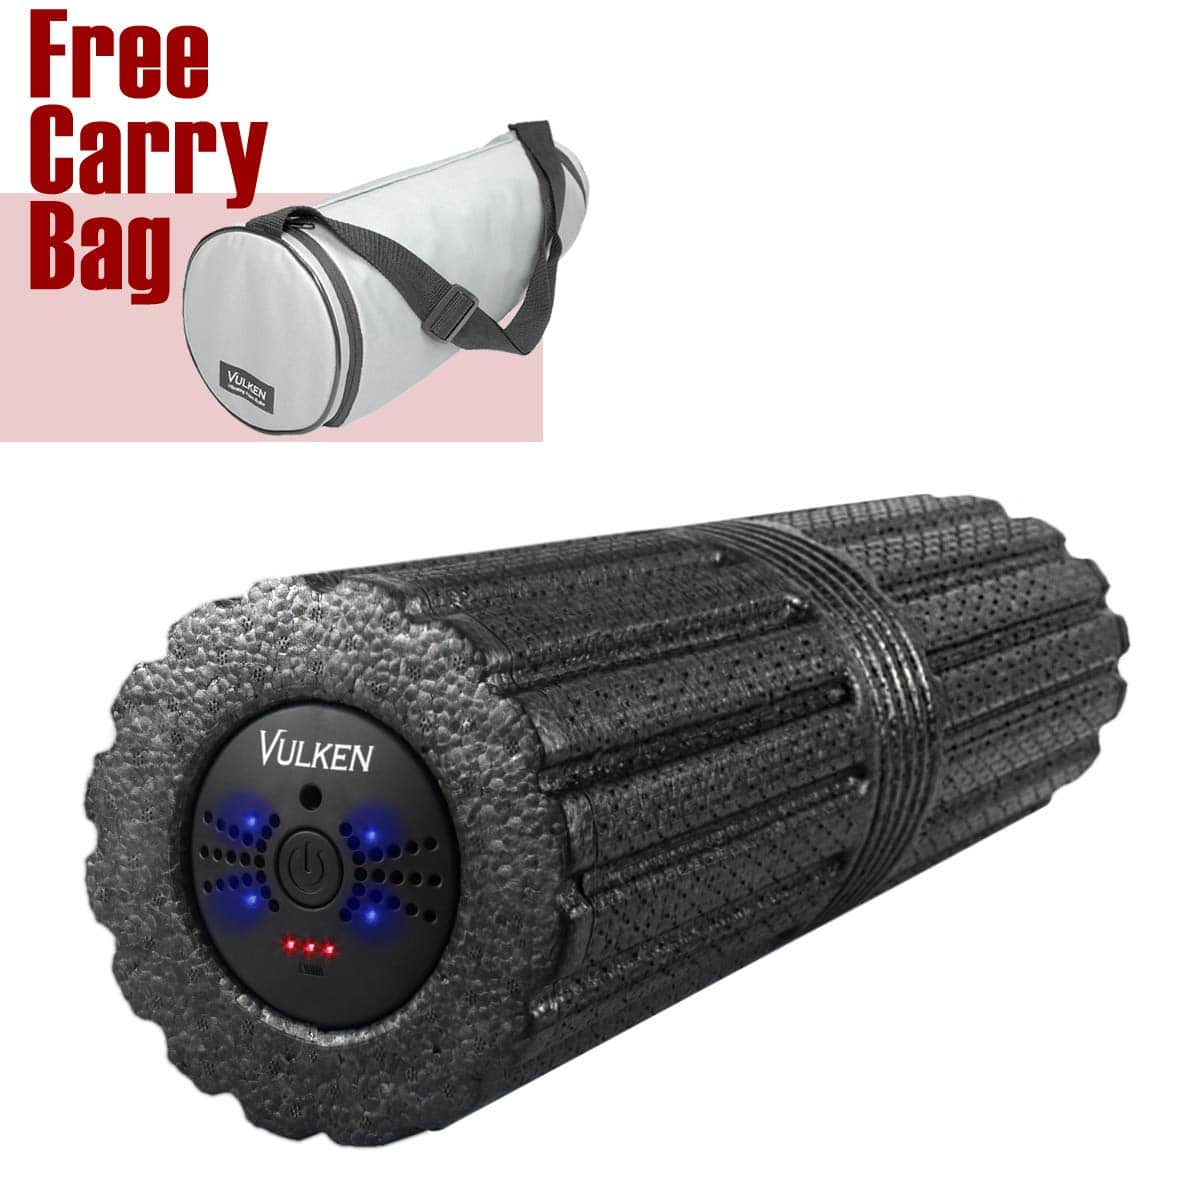 Vulken 4 Speed High-Intensity Vibrating Foam Roller